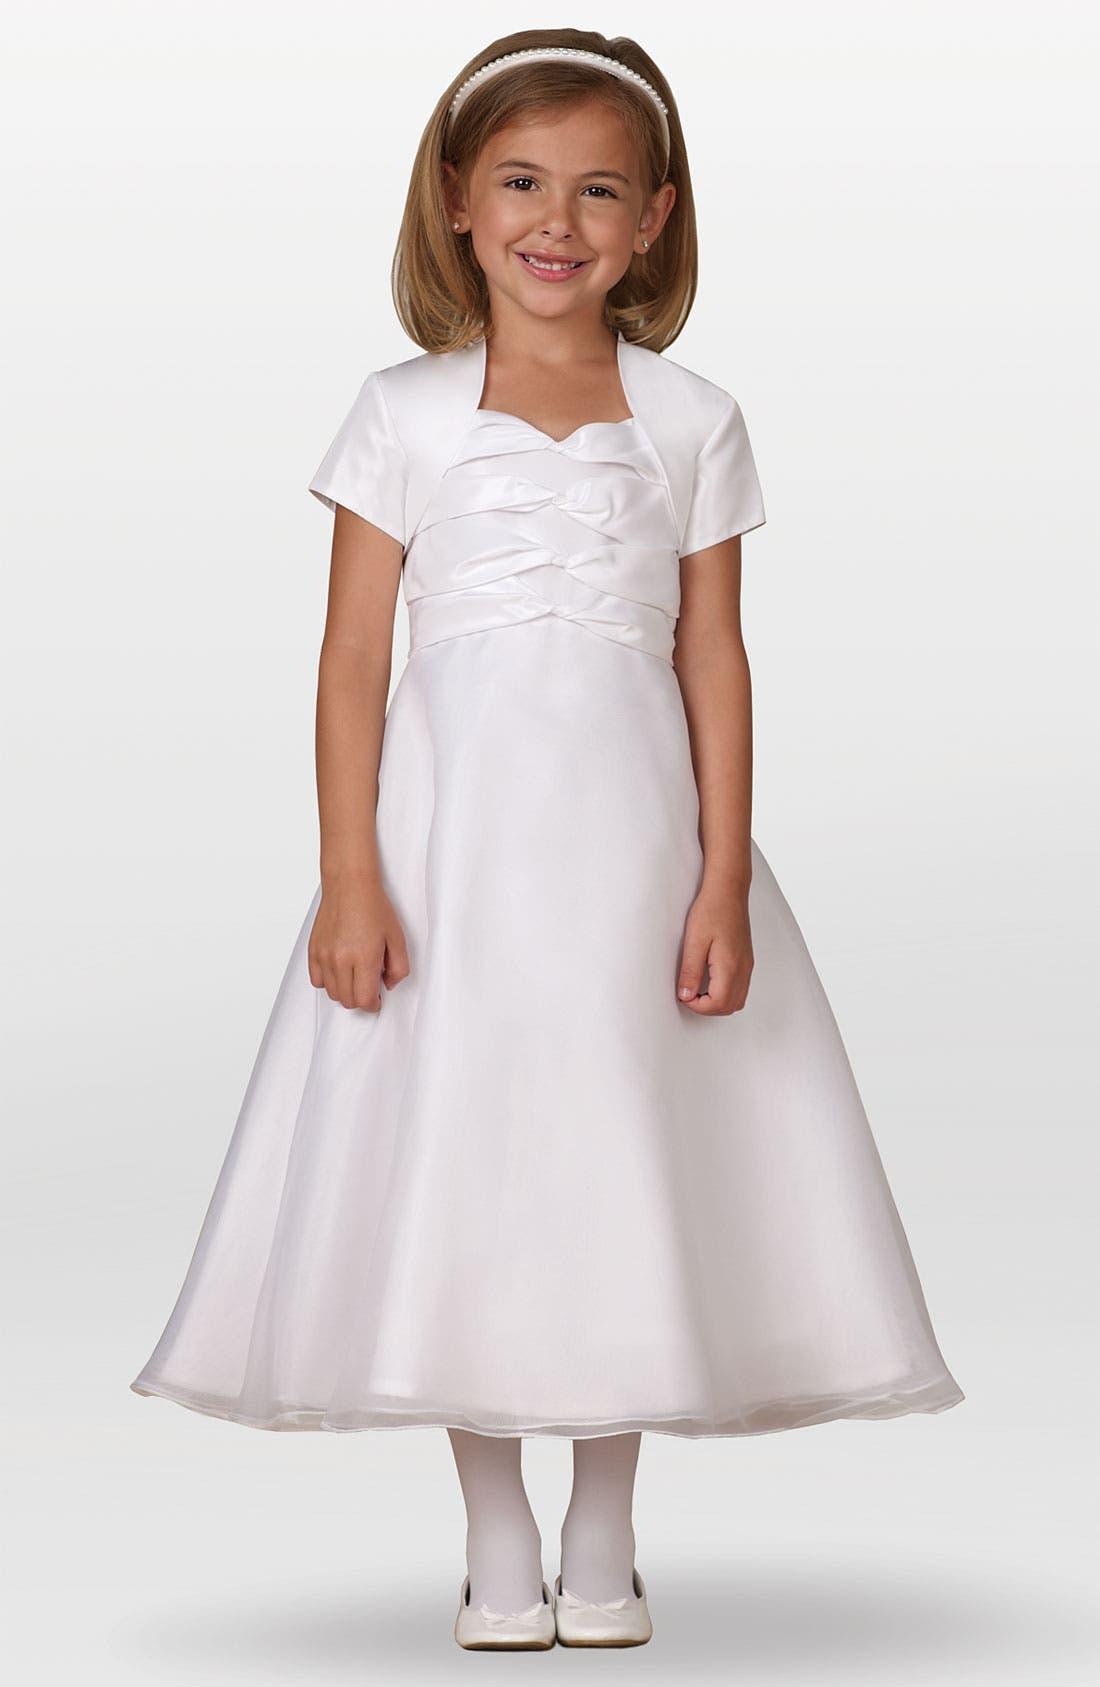 Alternate Image 1 Selected - Joan Calabrese for Mon Cheri Taffeta Dress & Bolero (Little Girls & Big Girls)